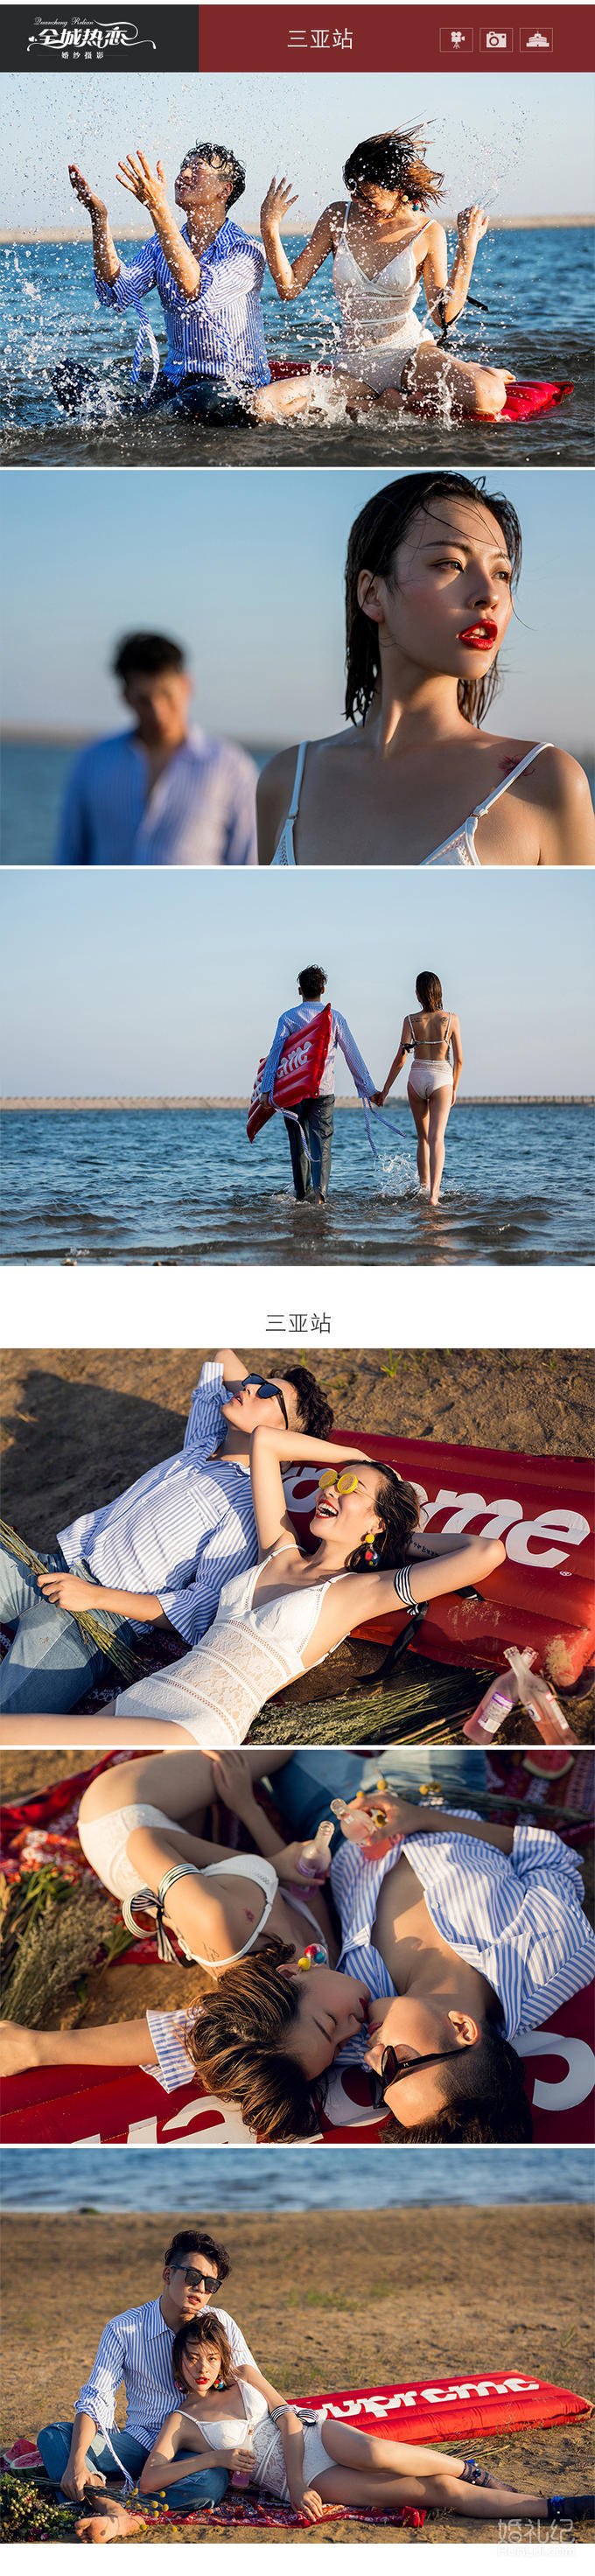 北京婚纱摄影全城热恋工作室双机位+MV爱情微电影